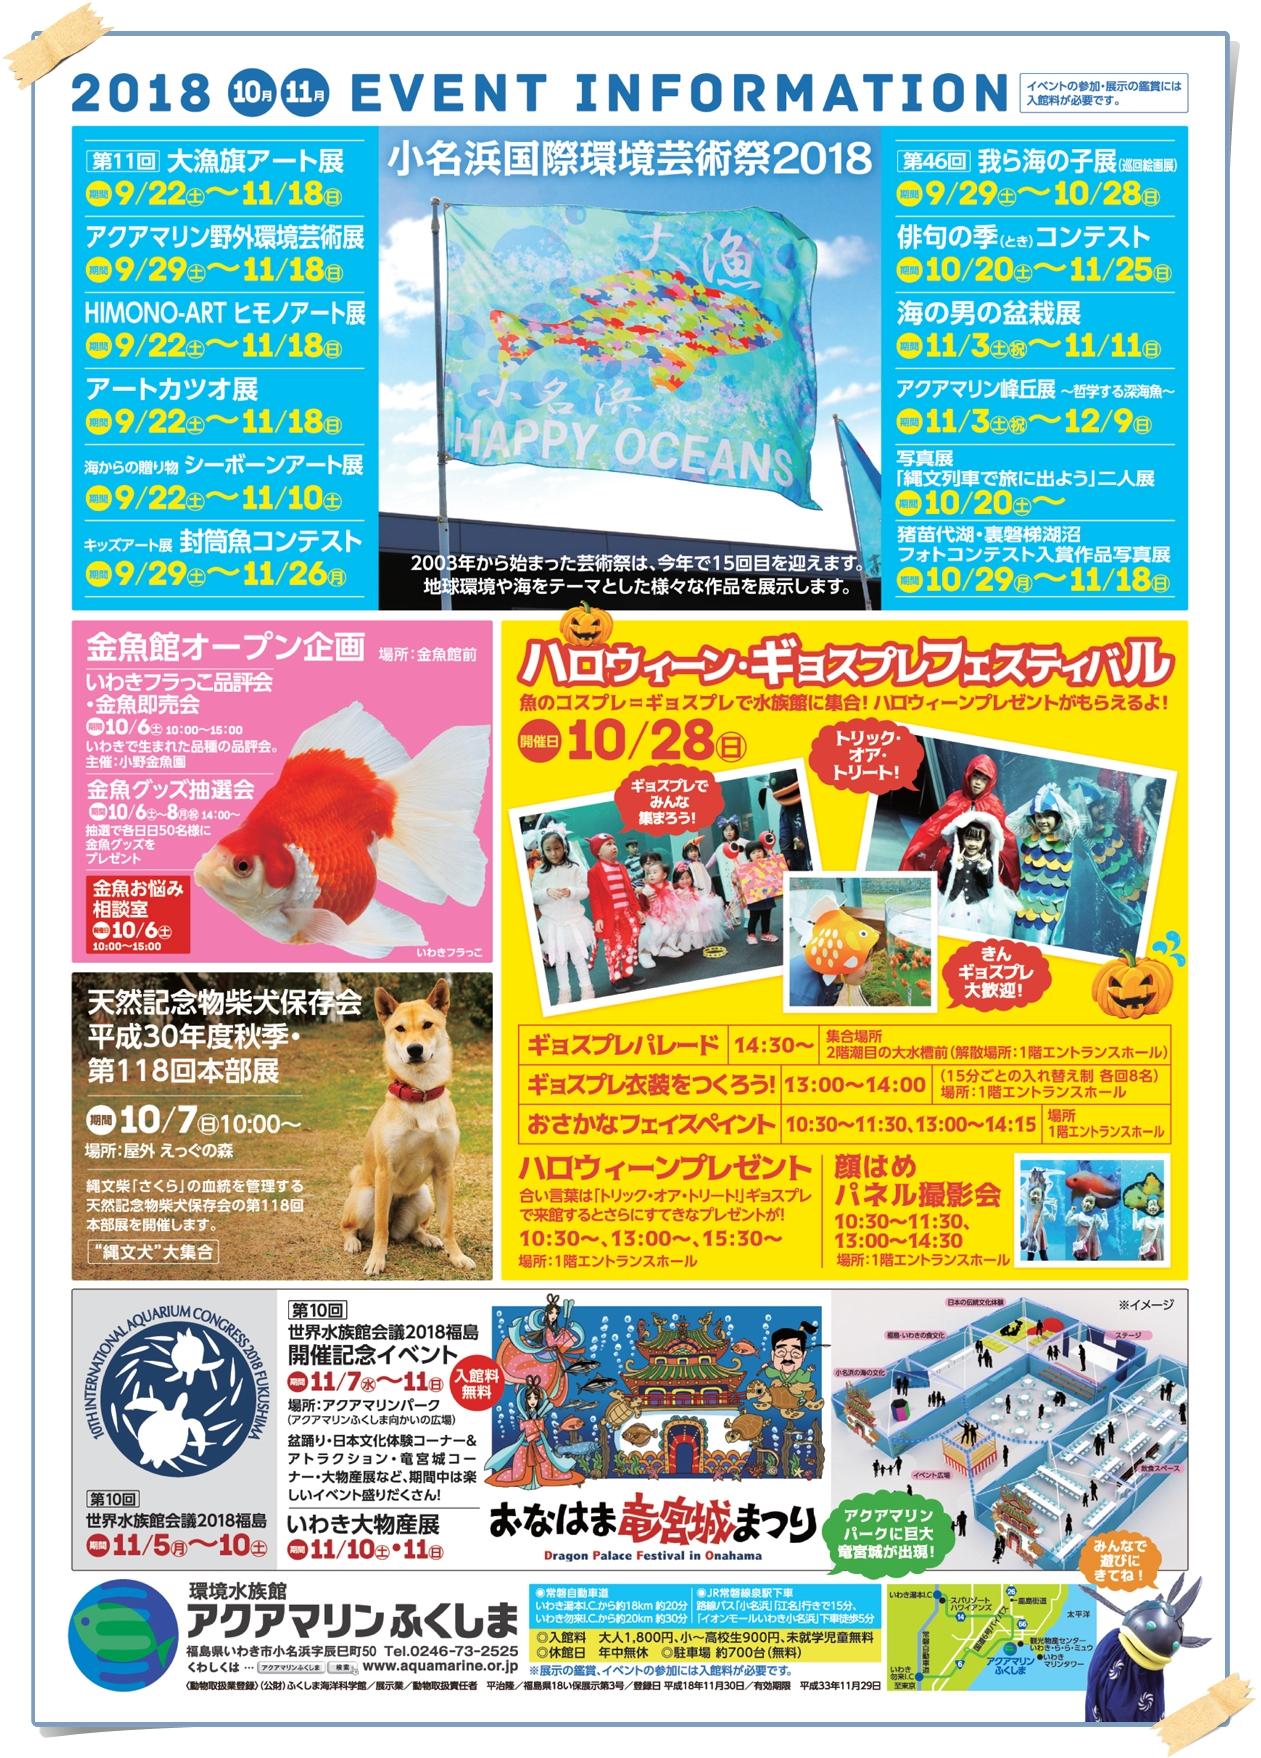 アクアマリンふくしま「金魚館」オープン!! [平成30年10月6日(土)更新]2